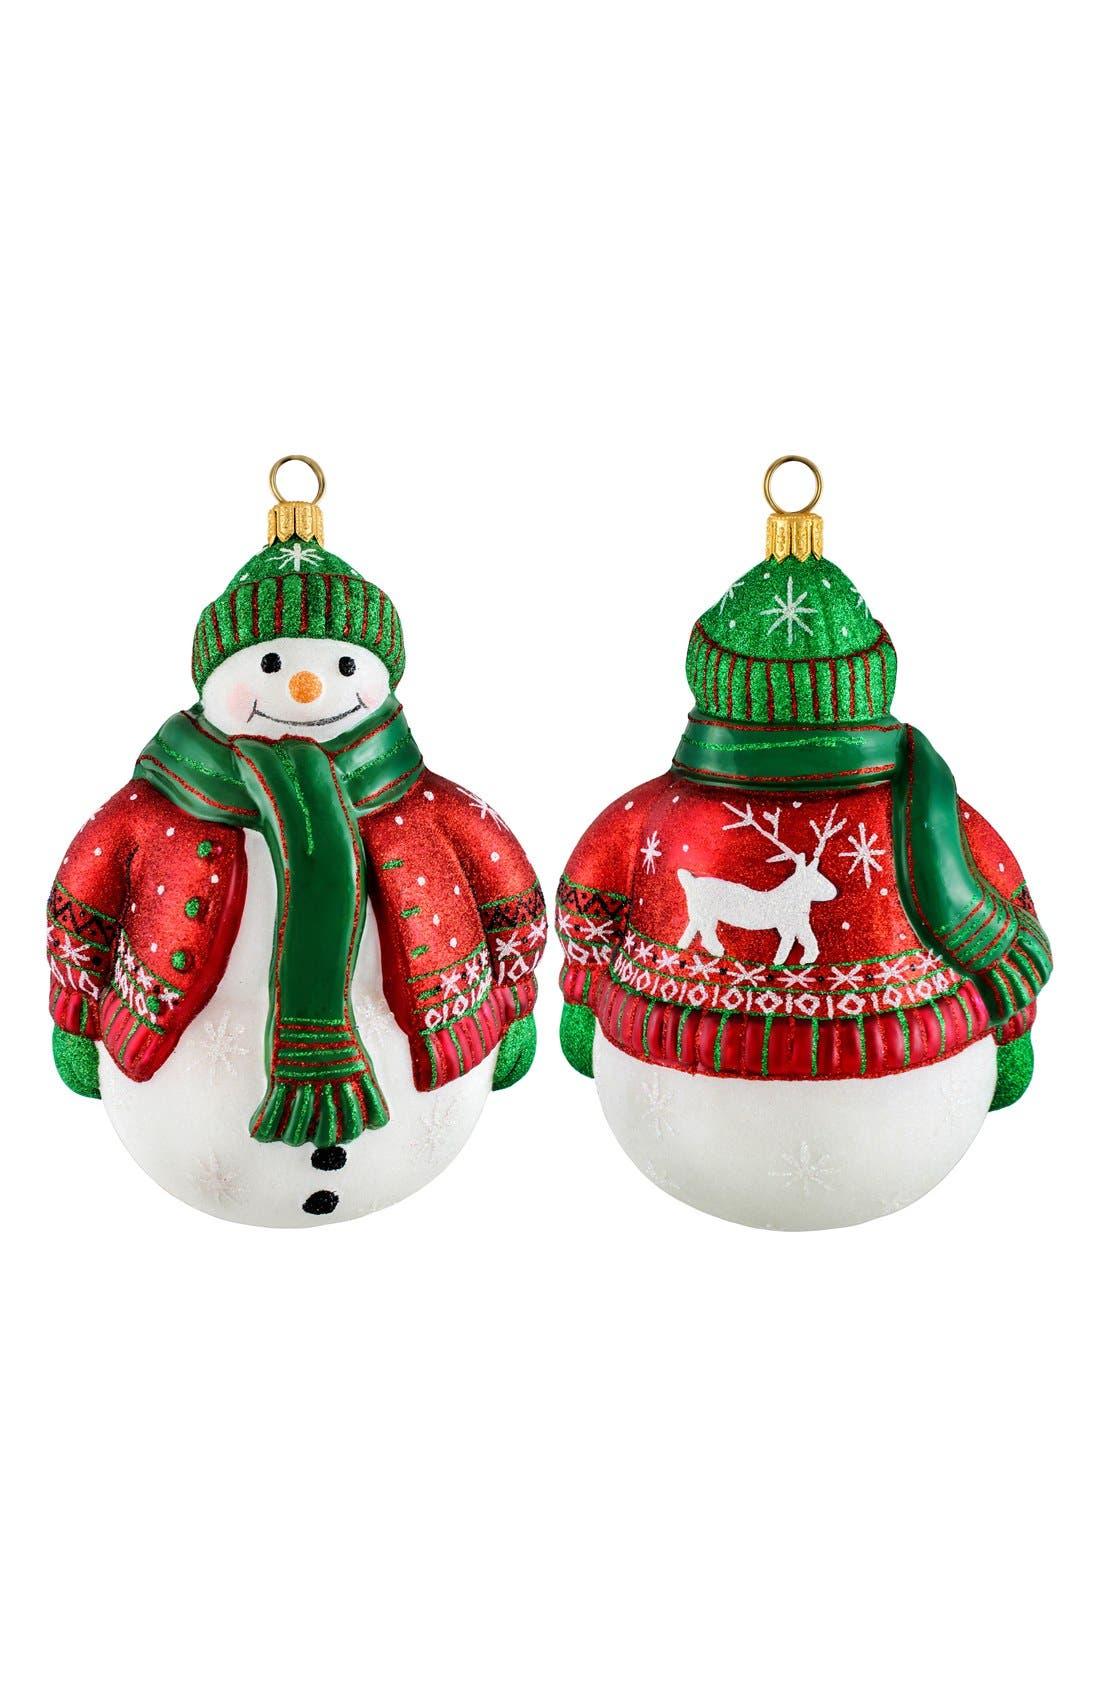 'Glitterazzi' Snowman Ornament,                             Main thumbnail 1, color,                             NORDIC